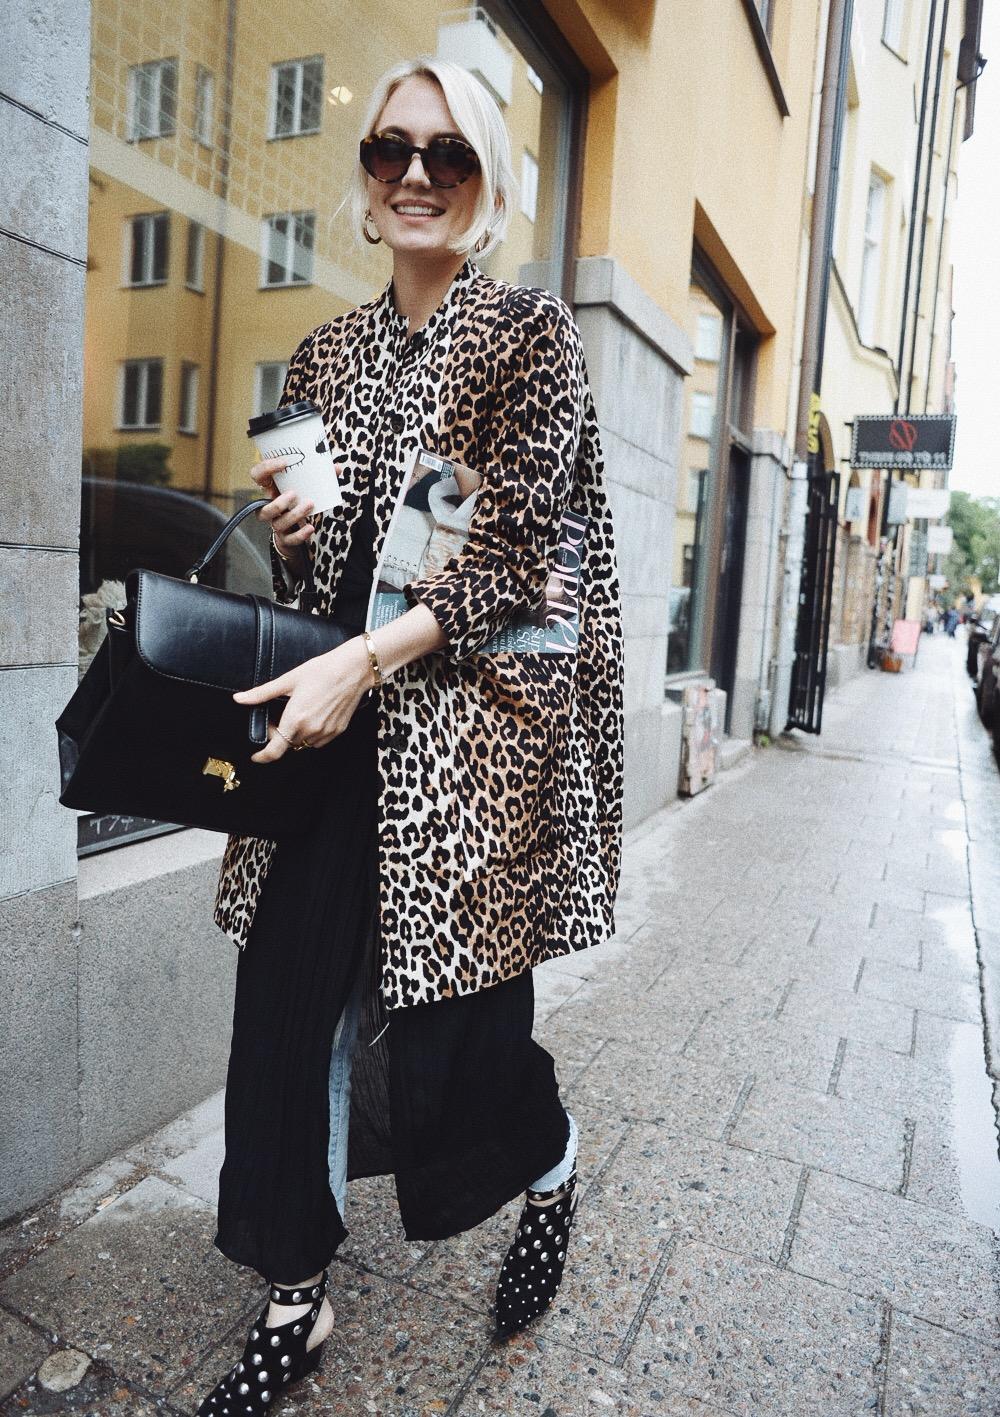 5c74b21f6cb Hej på er fina ni, så här har jag sett ut i dag. Jag invigde min nya  leopardkappa från Ganni som jag köpte förra veckan. Fin va? Jag älskar den!